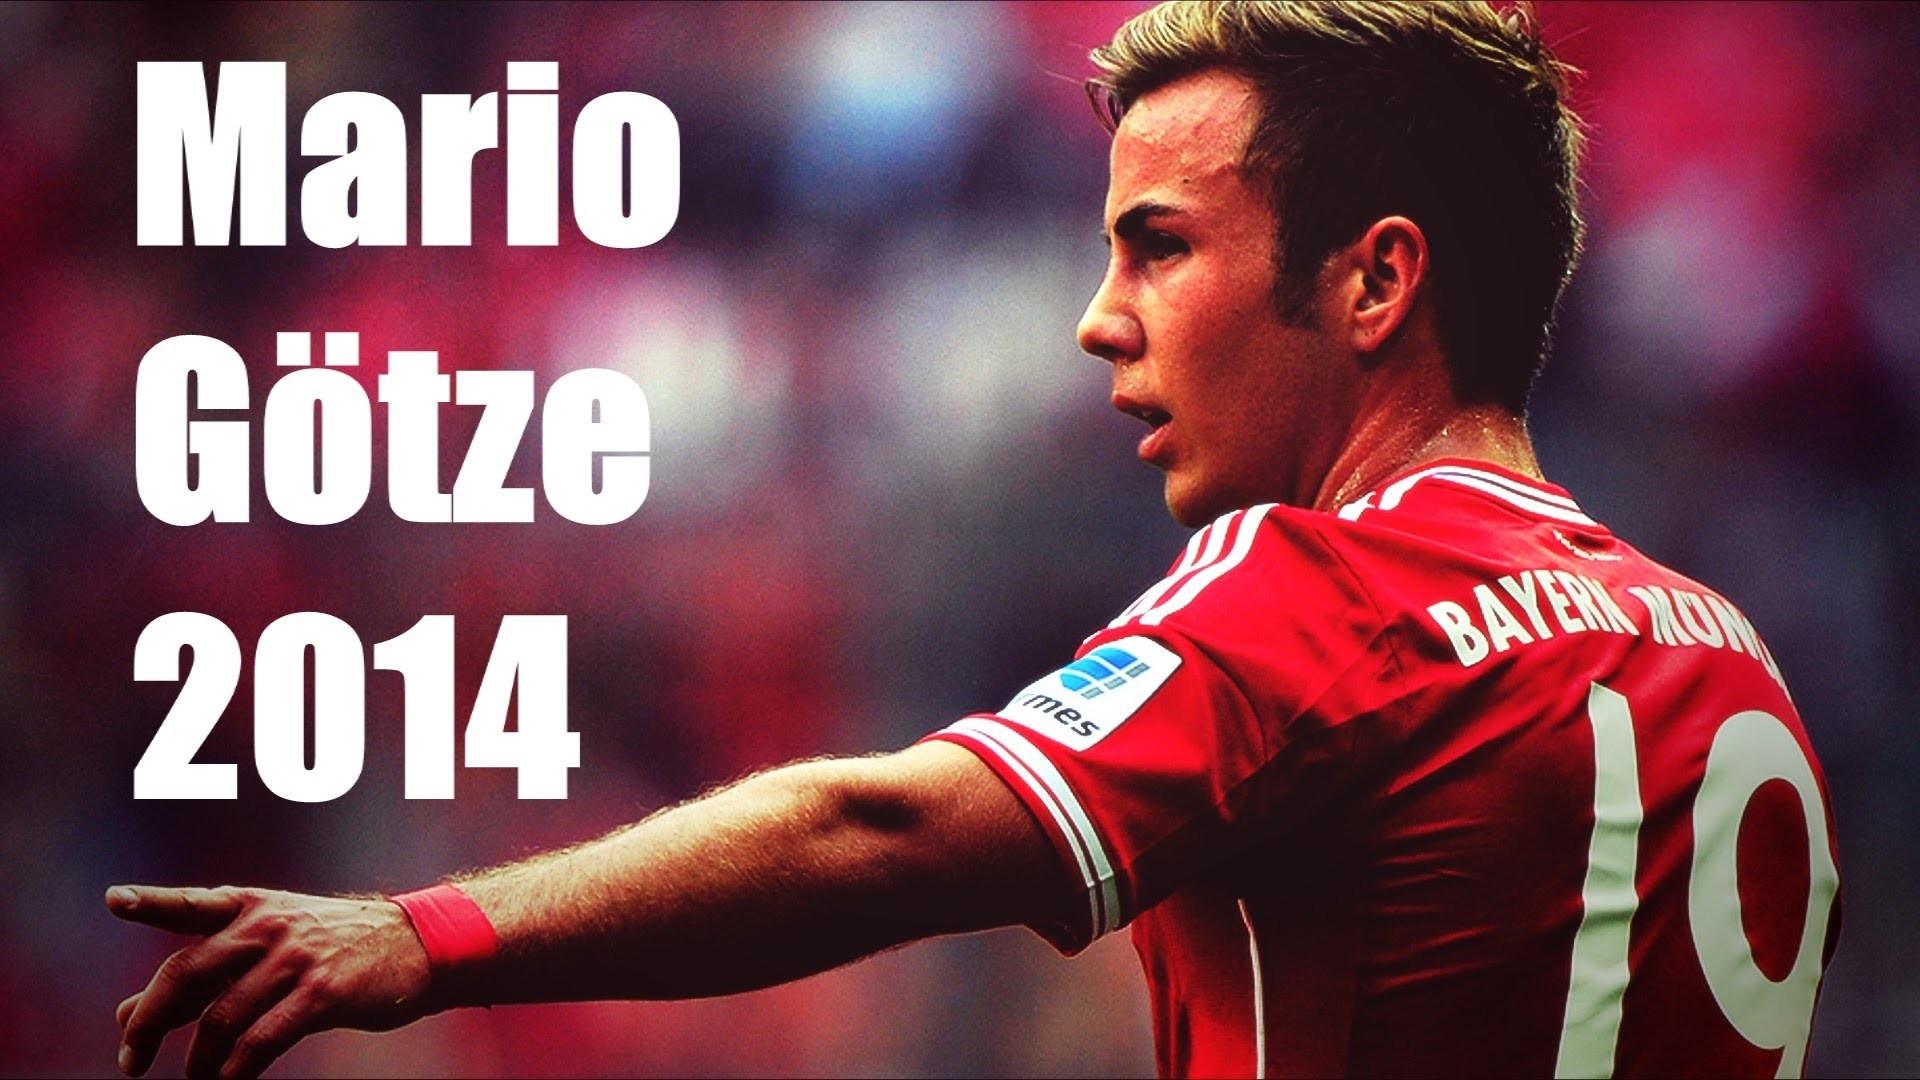 Bayern Munich Player Mario Gotze Picture